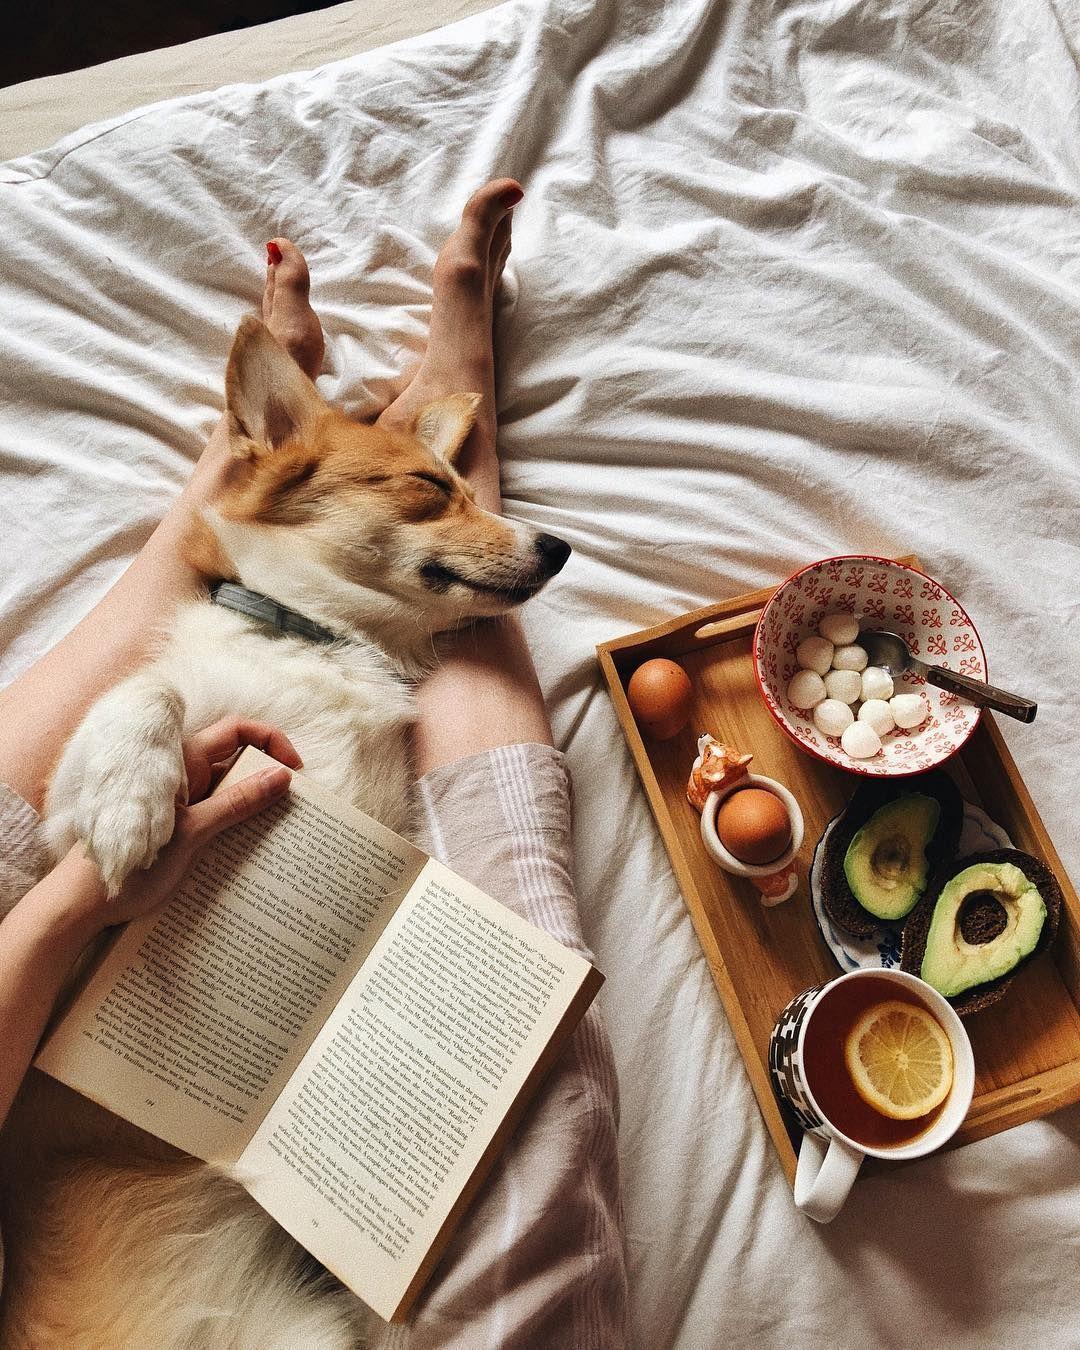 Comfy/Cozy